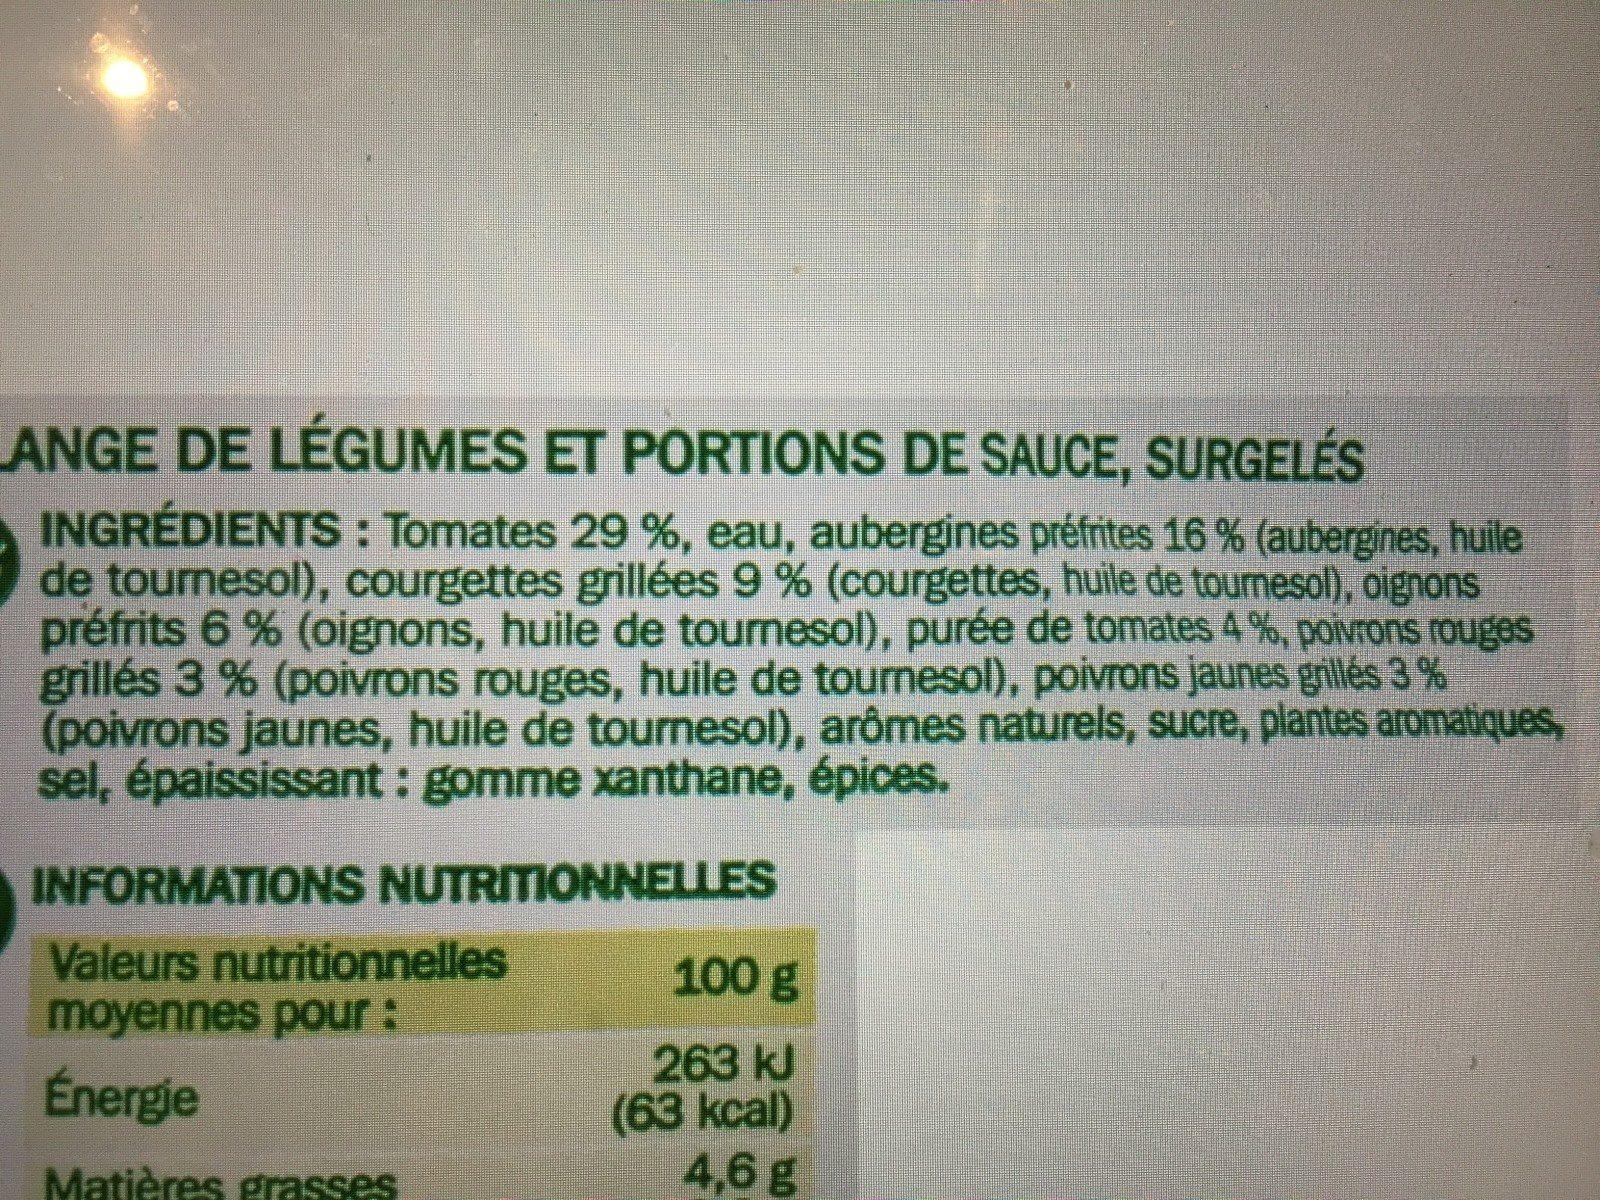 Ratatouille cuisinée portion surgelée - Ingredients